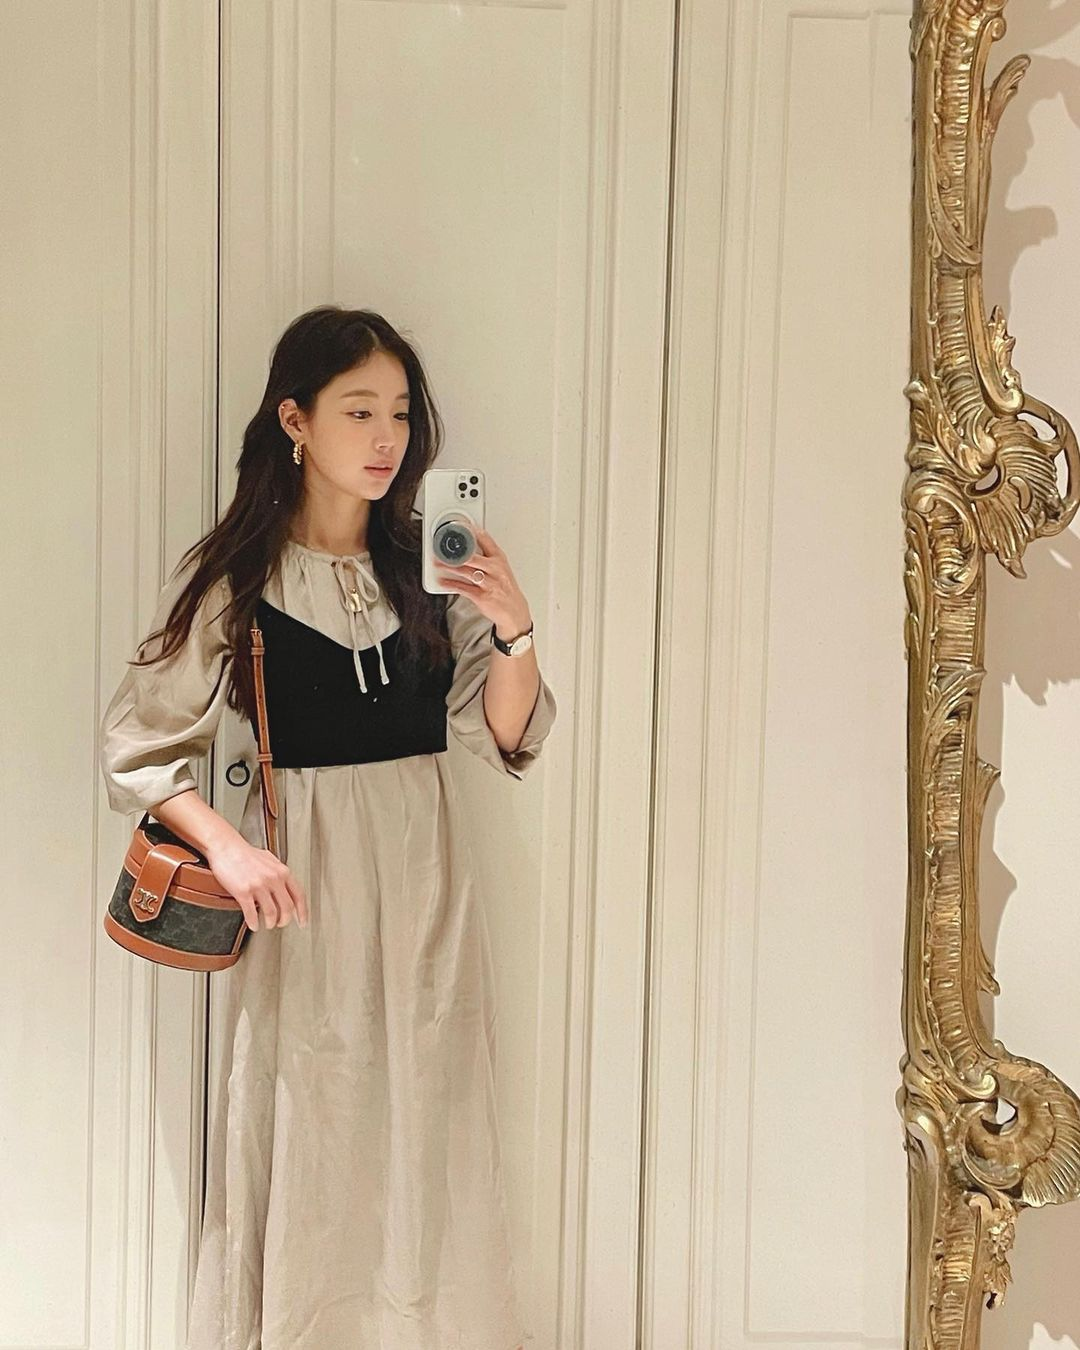 Loạt đồ Zara, H&M sao Hàn vừa diện: Quá nửa có giá dưới 500k, khối chị em sẽ muốn sắm theo ngay - Ảnh 1.